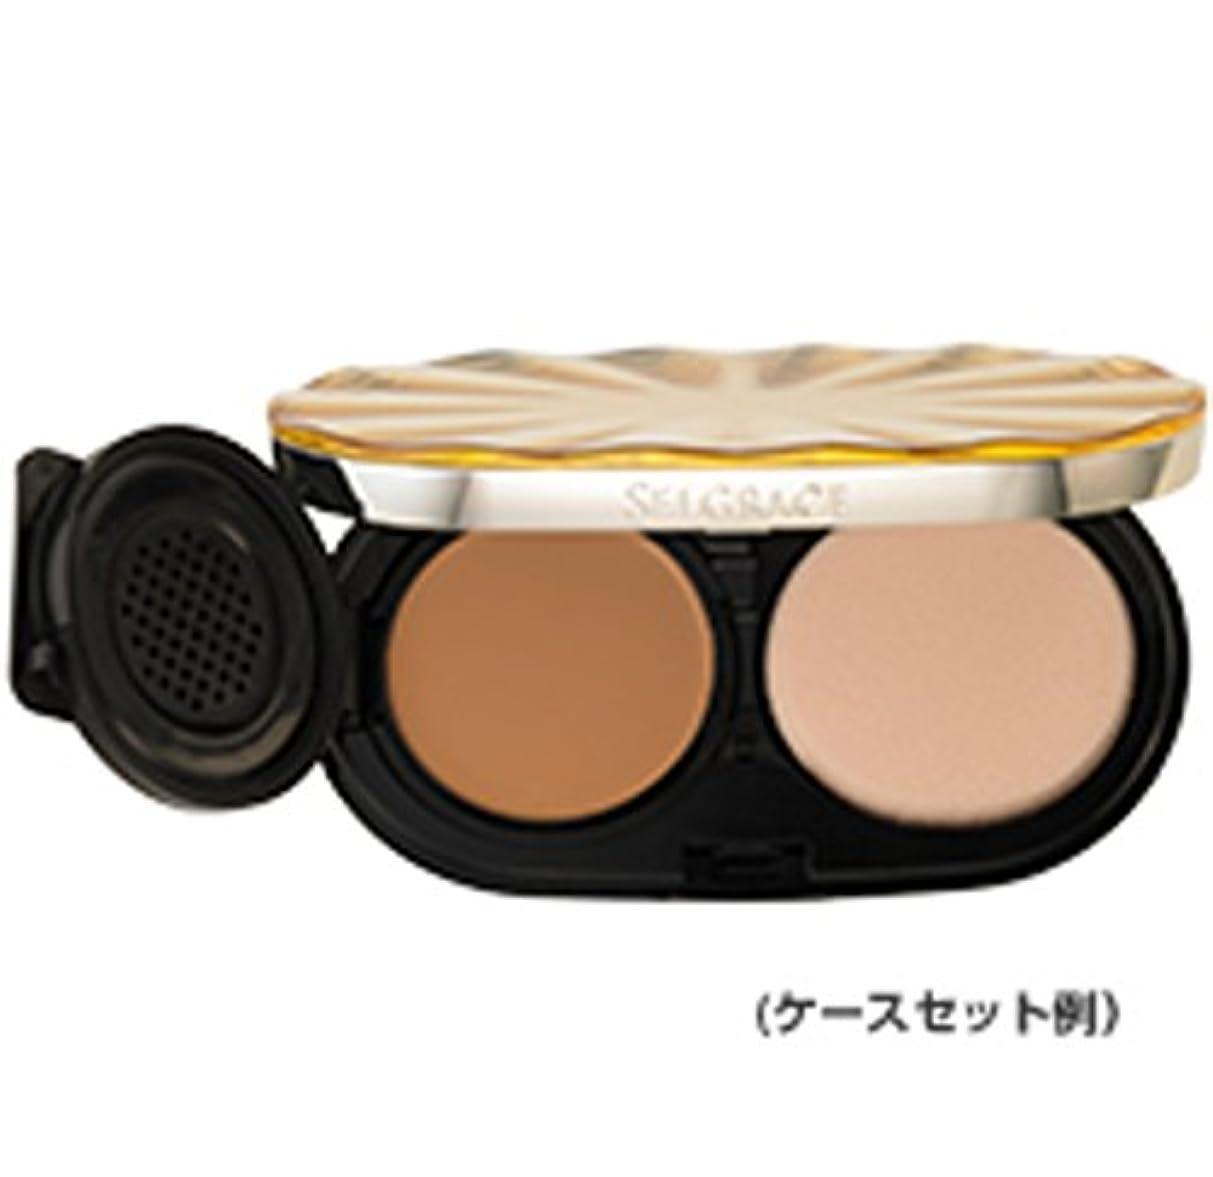 影響見るマーベルナリス化粧品 セルグレース ベースインパクト ファンデーション 130 ライトピンクベージュ レフィル (スポンジ付き)